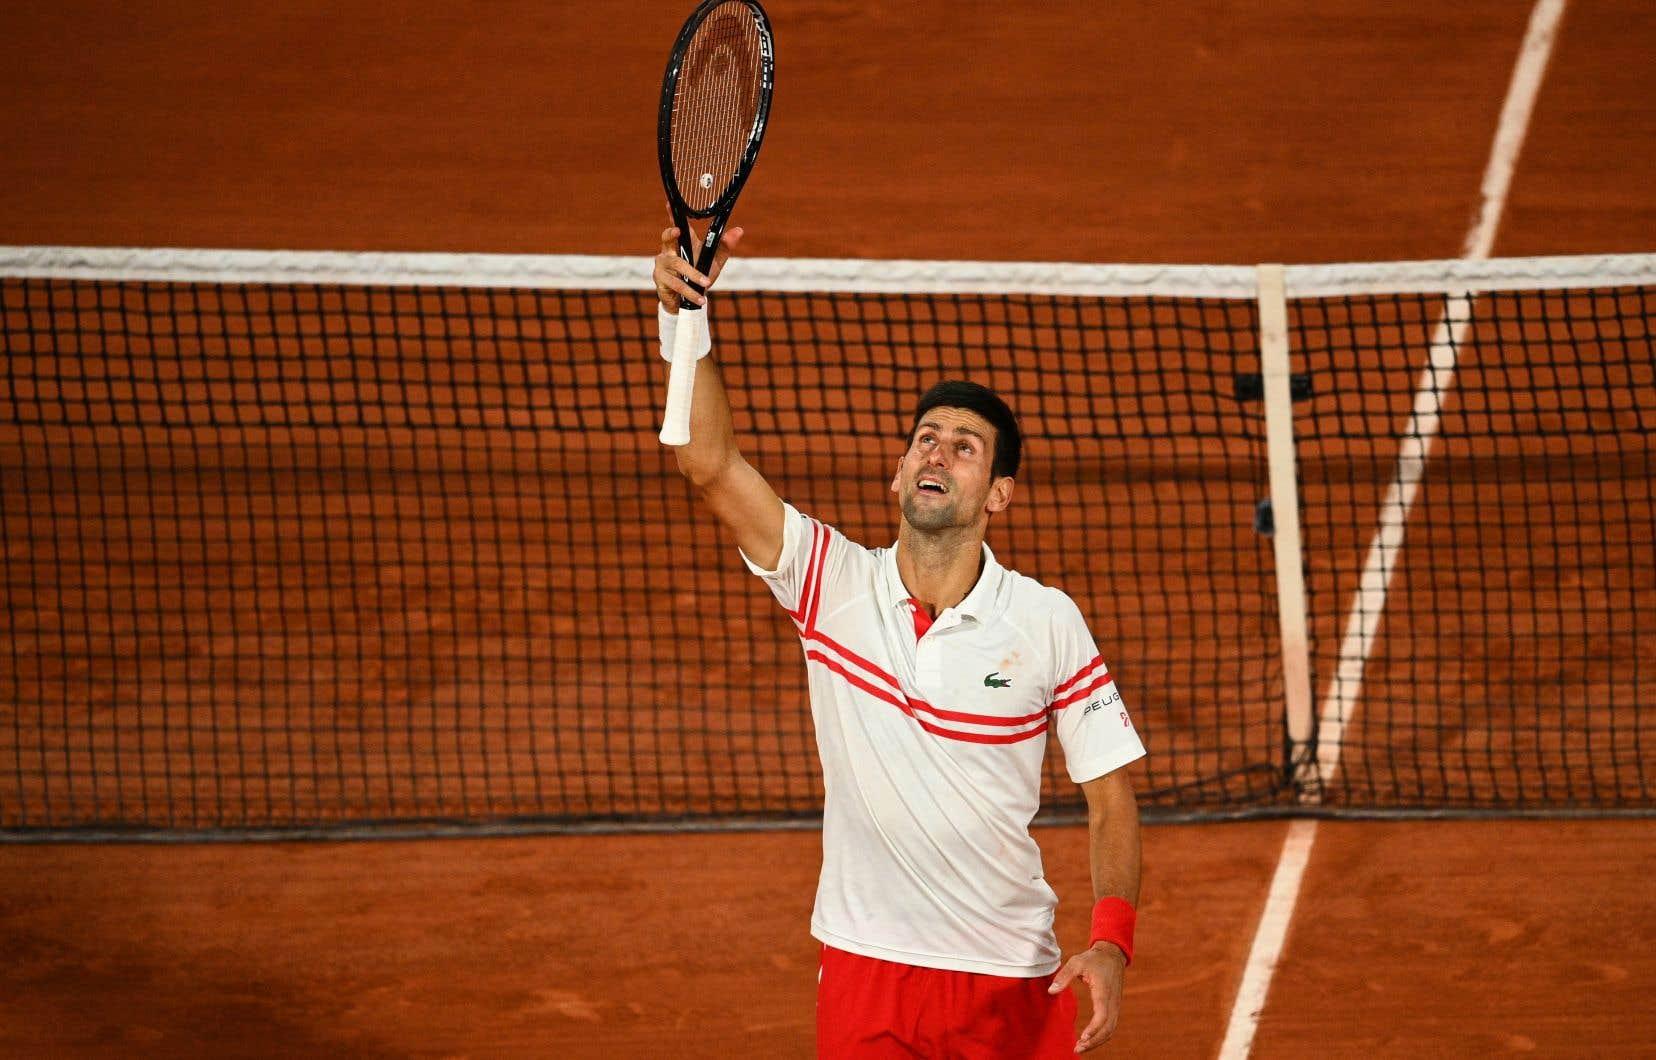 Le Serbe Novak Djokovic a renversé l'Espagnol Rafael Nadalen quatre sets 3-6, 6-3, 7-6 (7/4) 6-2 au bout d'un combat d'anthologie de plus de 4h vendredi.